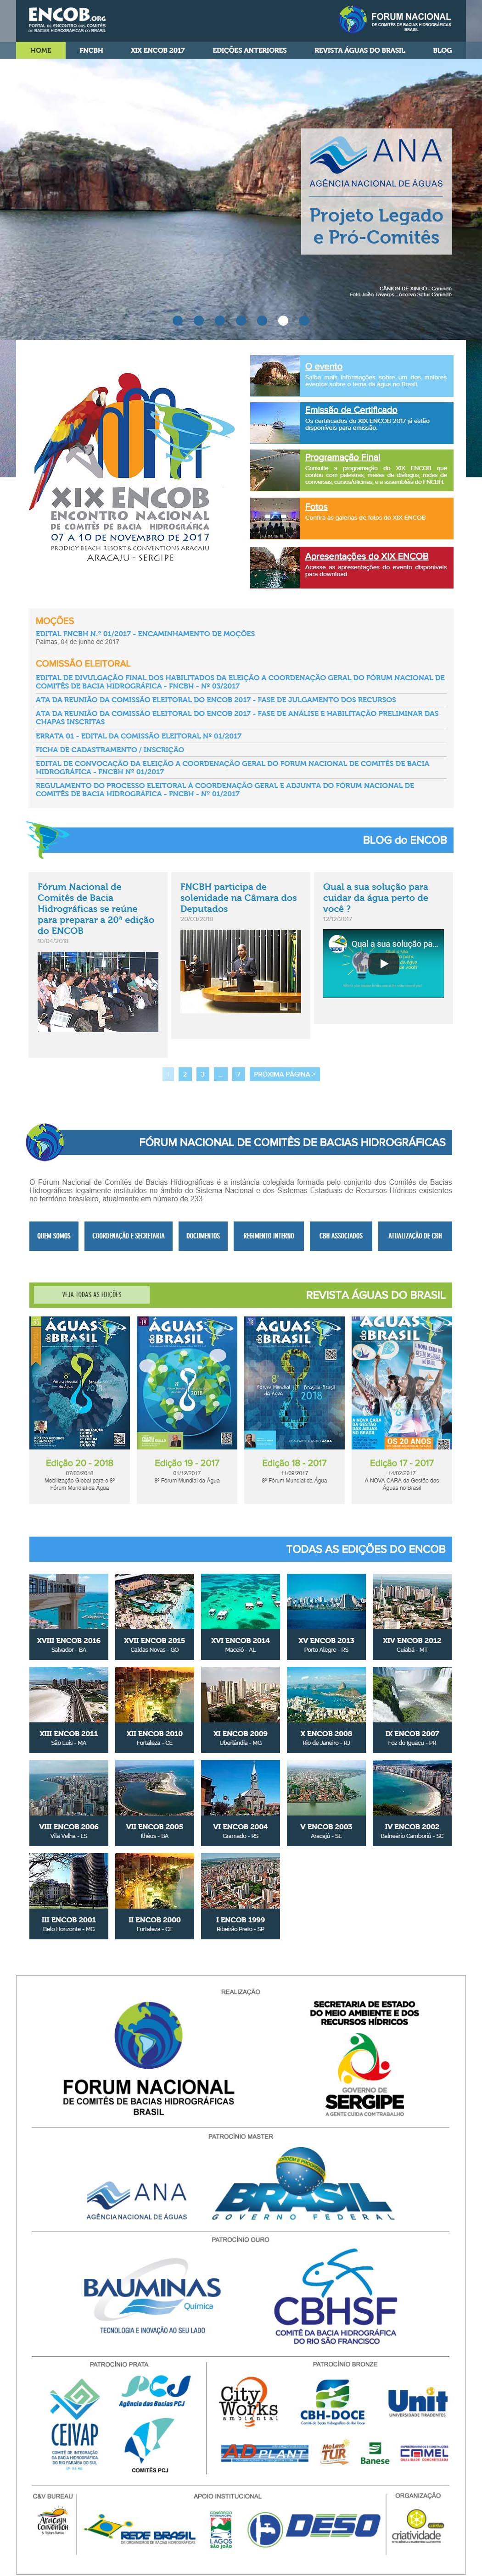 PORTAL ENCOB.org